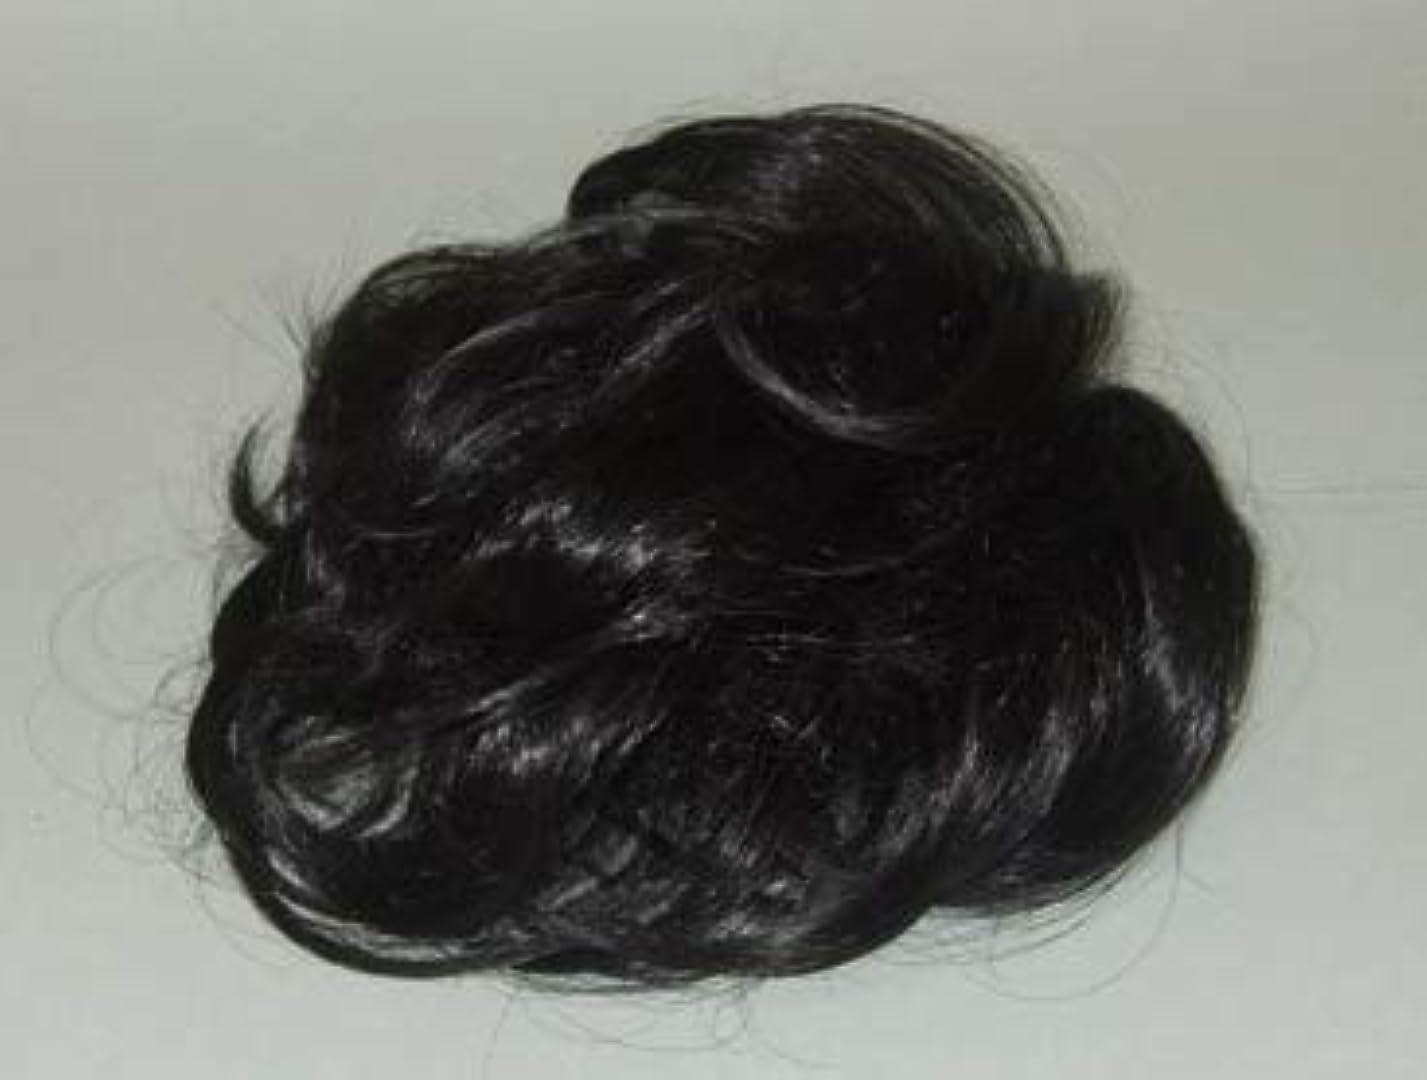 保守的検閲アシスト富士パックス販売 ボンヘアー BON HAIR (ボリュームアップタイプ) ブラック